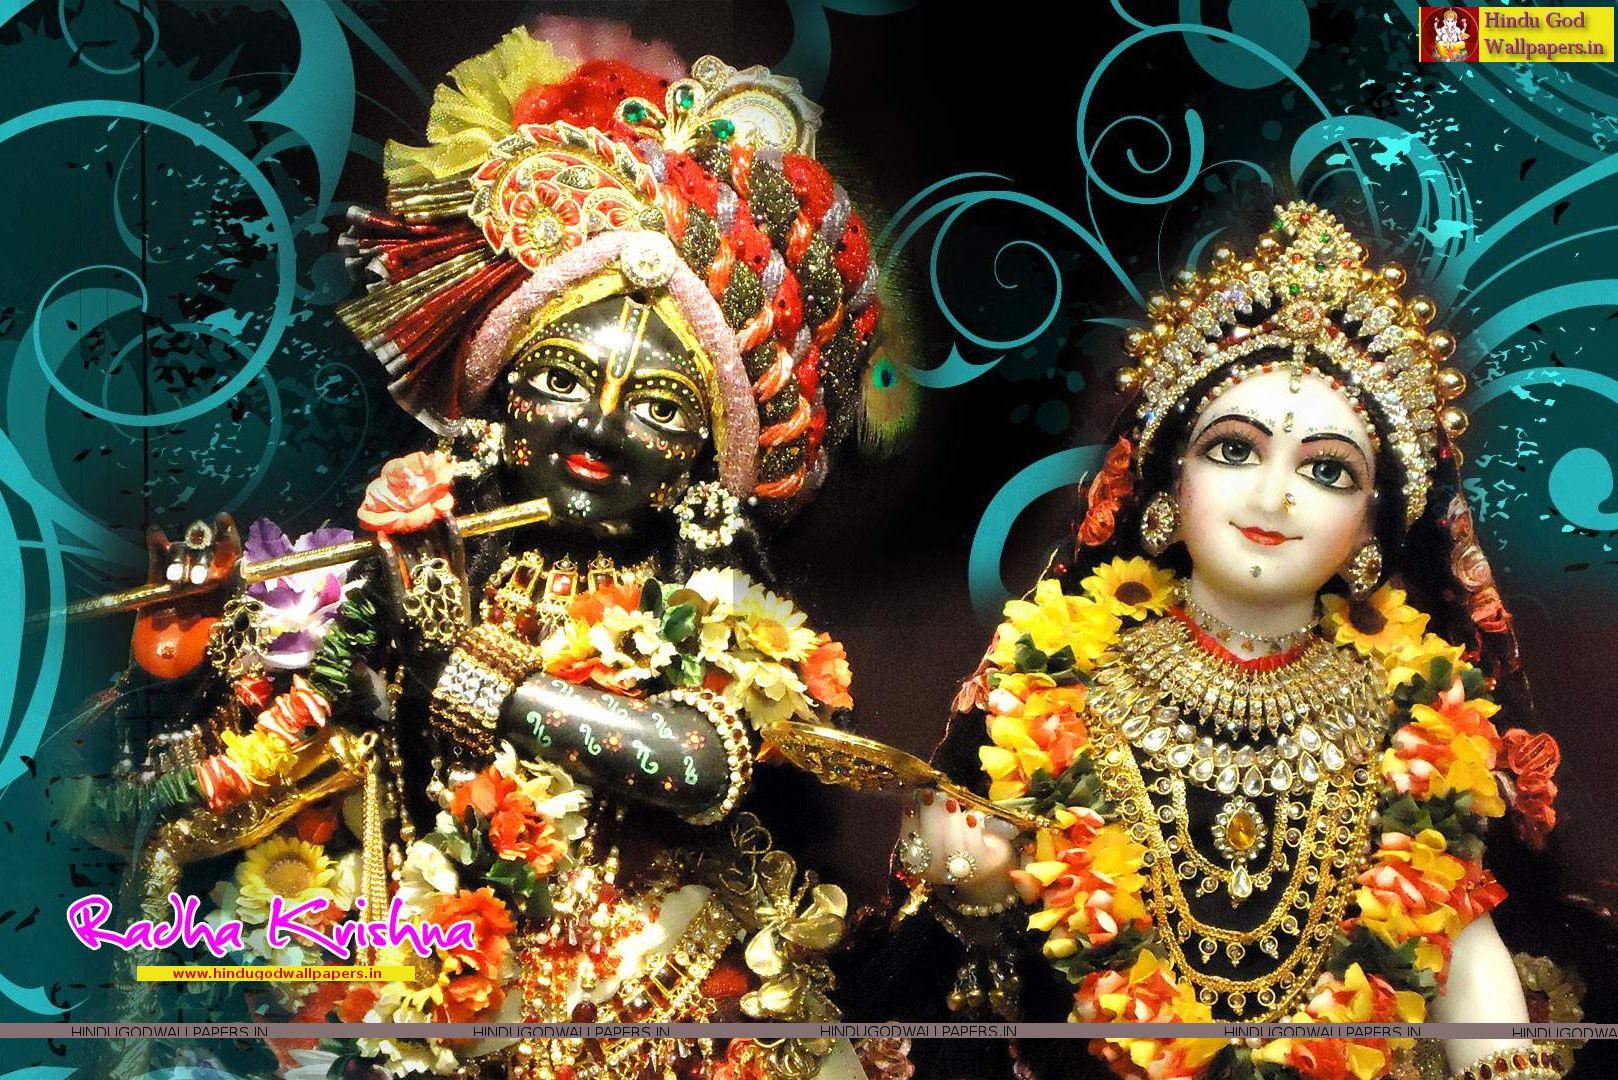 Radha Krishna Temple Lord Krishna Wallpapers Hindu Gods Krishna Wallpaper